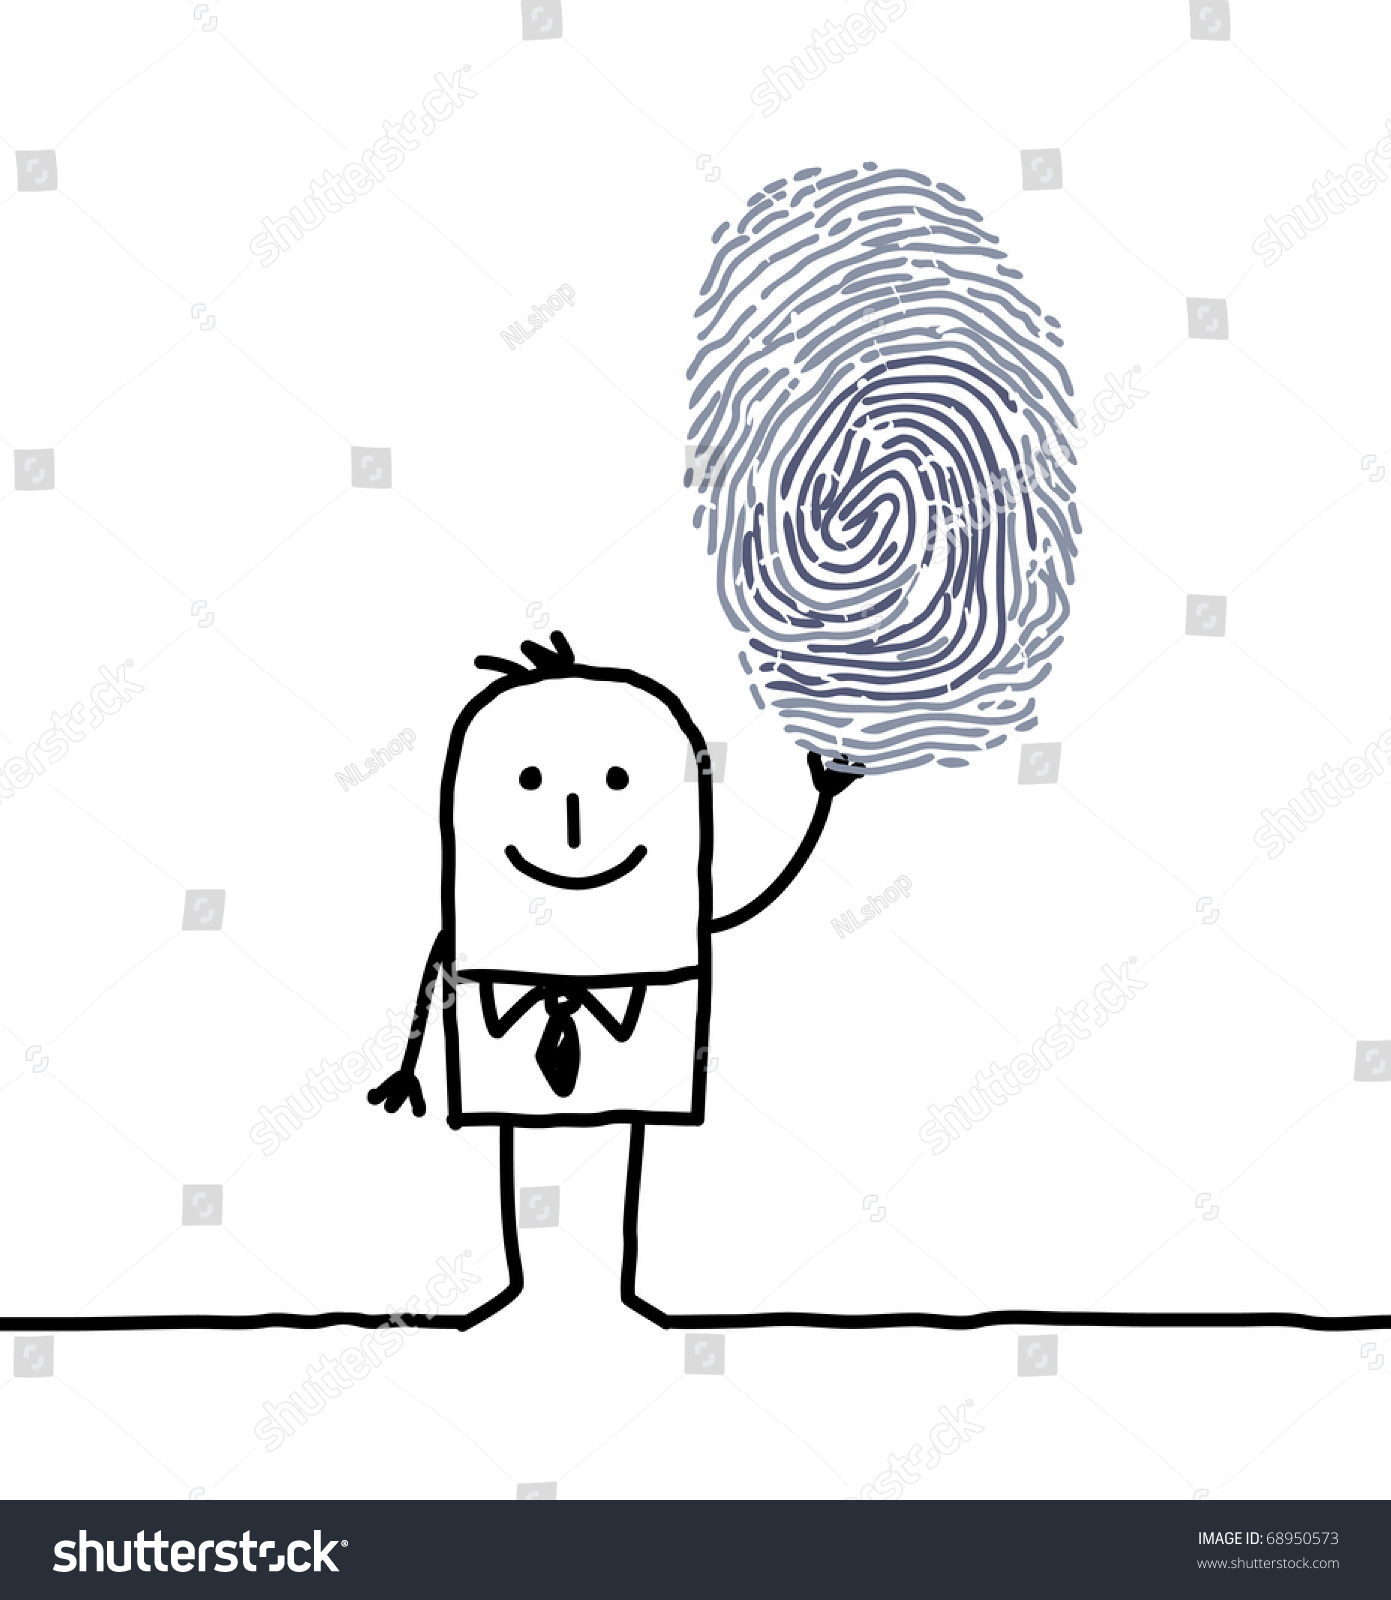 手绘创意微信头像